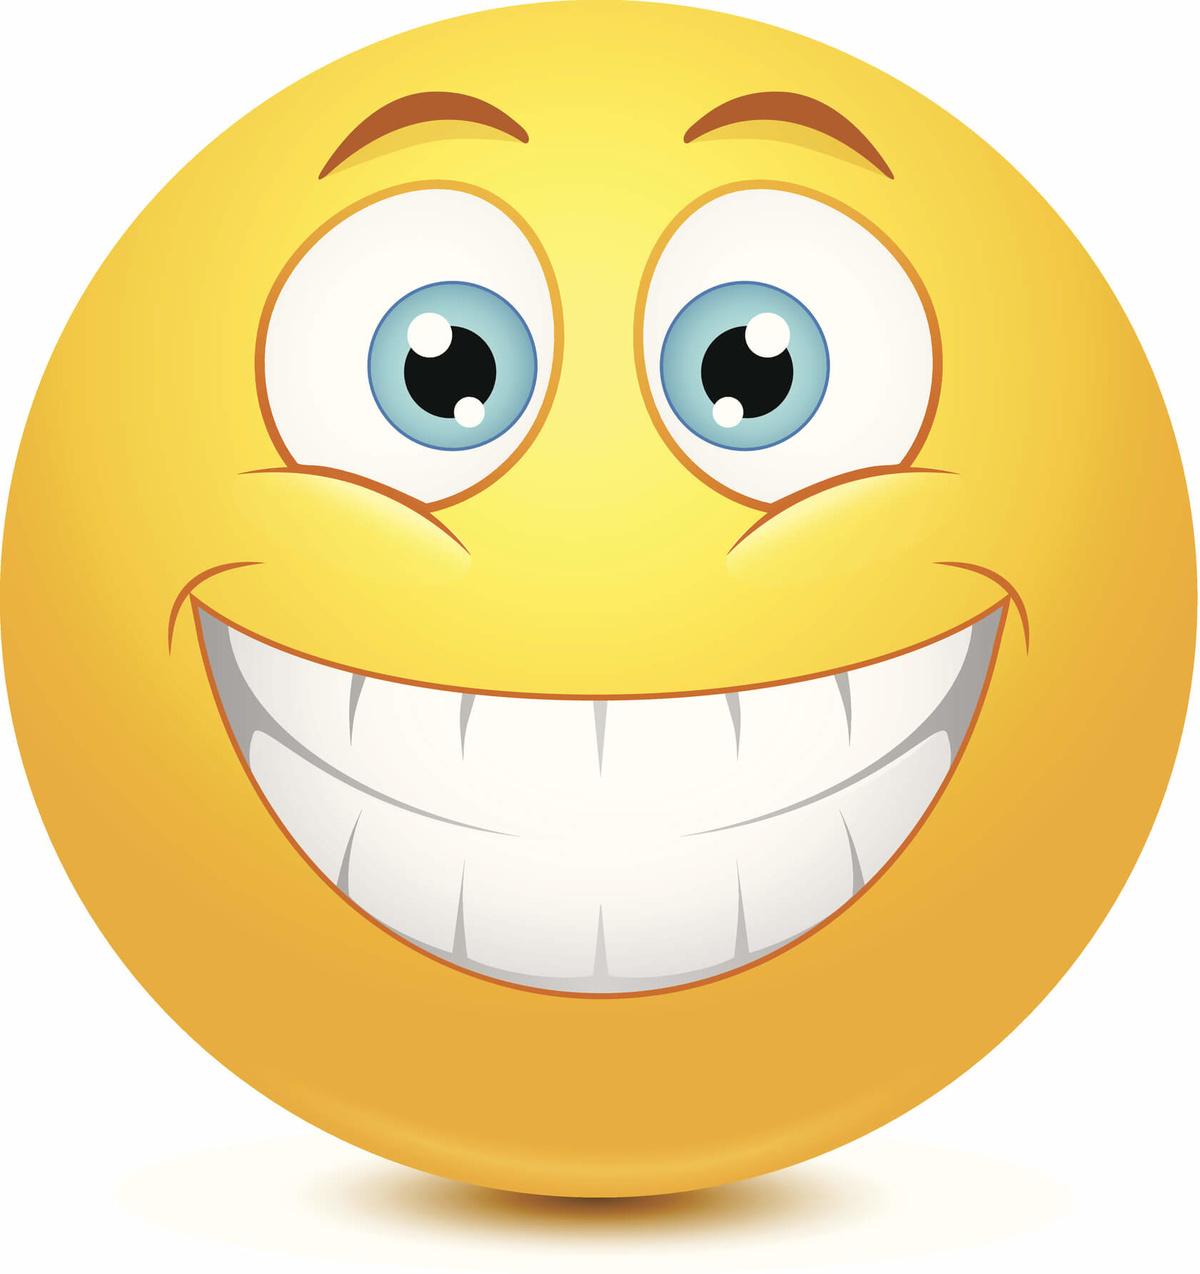 представители картинки смайликов и улыбочек поздравить днем